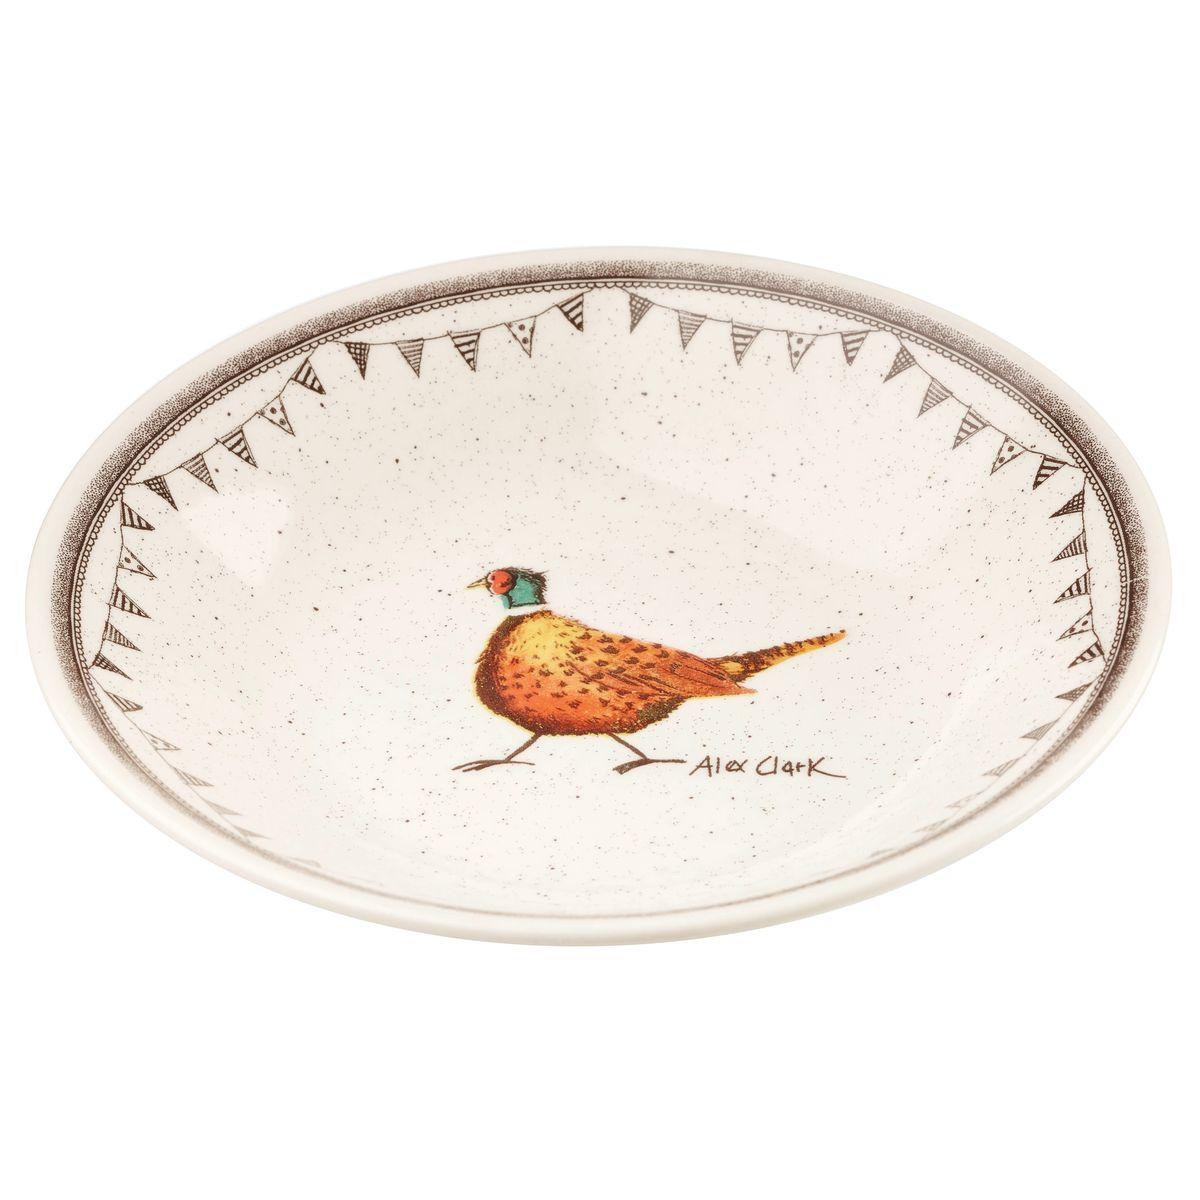 Тарелка суповая Churchill, диаметр 26 см. ACWL00081FS-91909Коллекция Живая природа - уникальное сочетание живой природы и прекрасные воспоминания из детства. Лёгкий и простой дизайн с пастельными красками идеально подойдёт для любой кухни. Материал: Фарфор, керамика, фаянс, костяной фарфор.Можно мыть в посудомоечной машинеМожно использовать в микроволновой печи